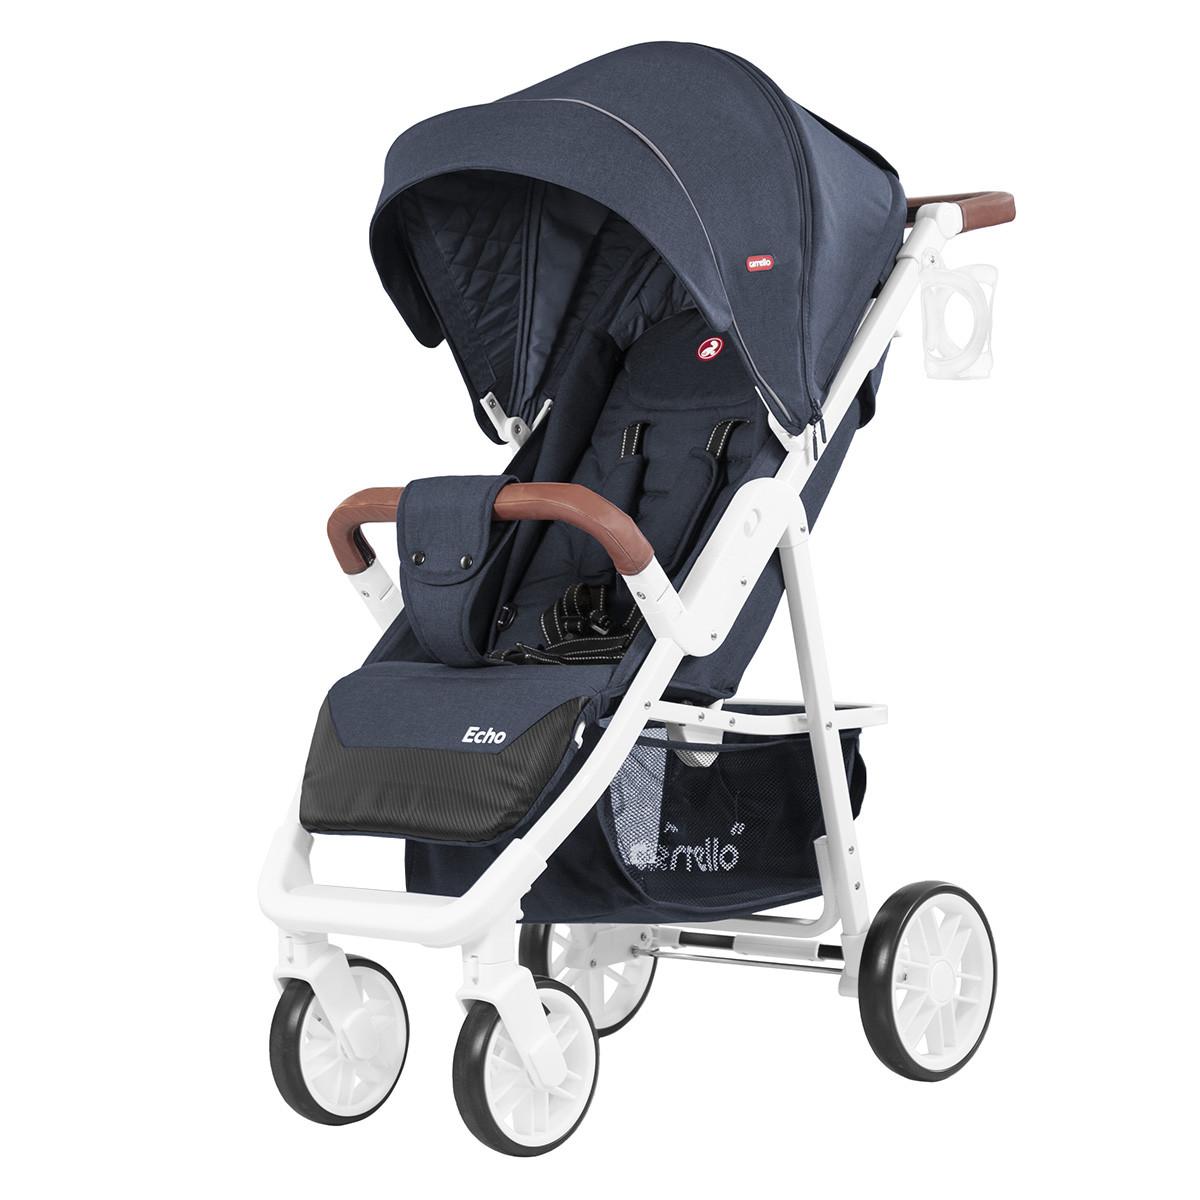 Коляска прогулочная CARRELLO Echo CRL-8508 Shadow Blue + Дождевик L Гарантия качества Быстрая доставка